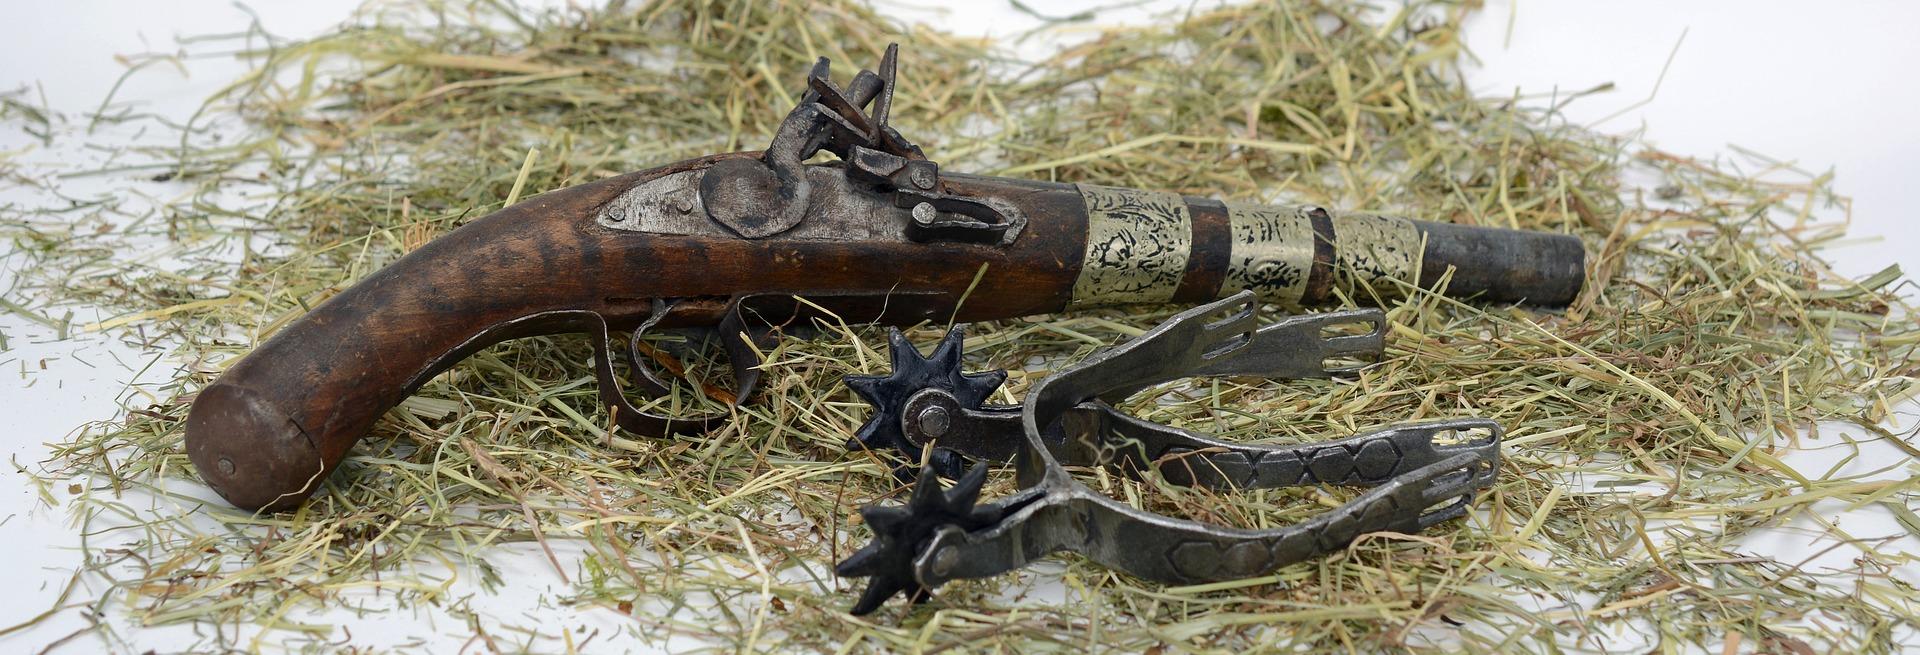 Pistole und Sporen - Handwerkszeug der Cowboys im Wilden Westen